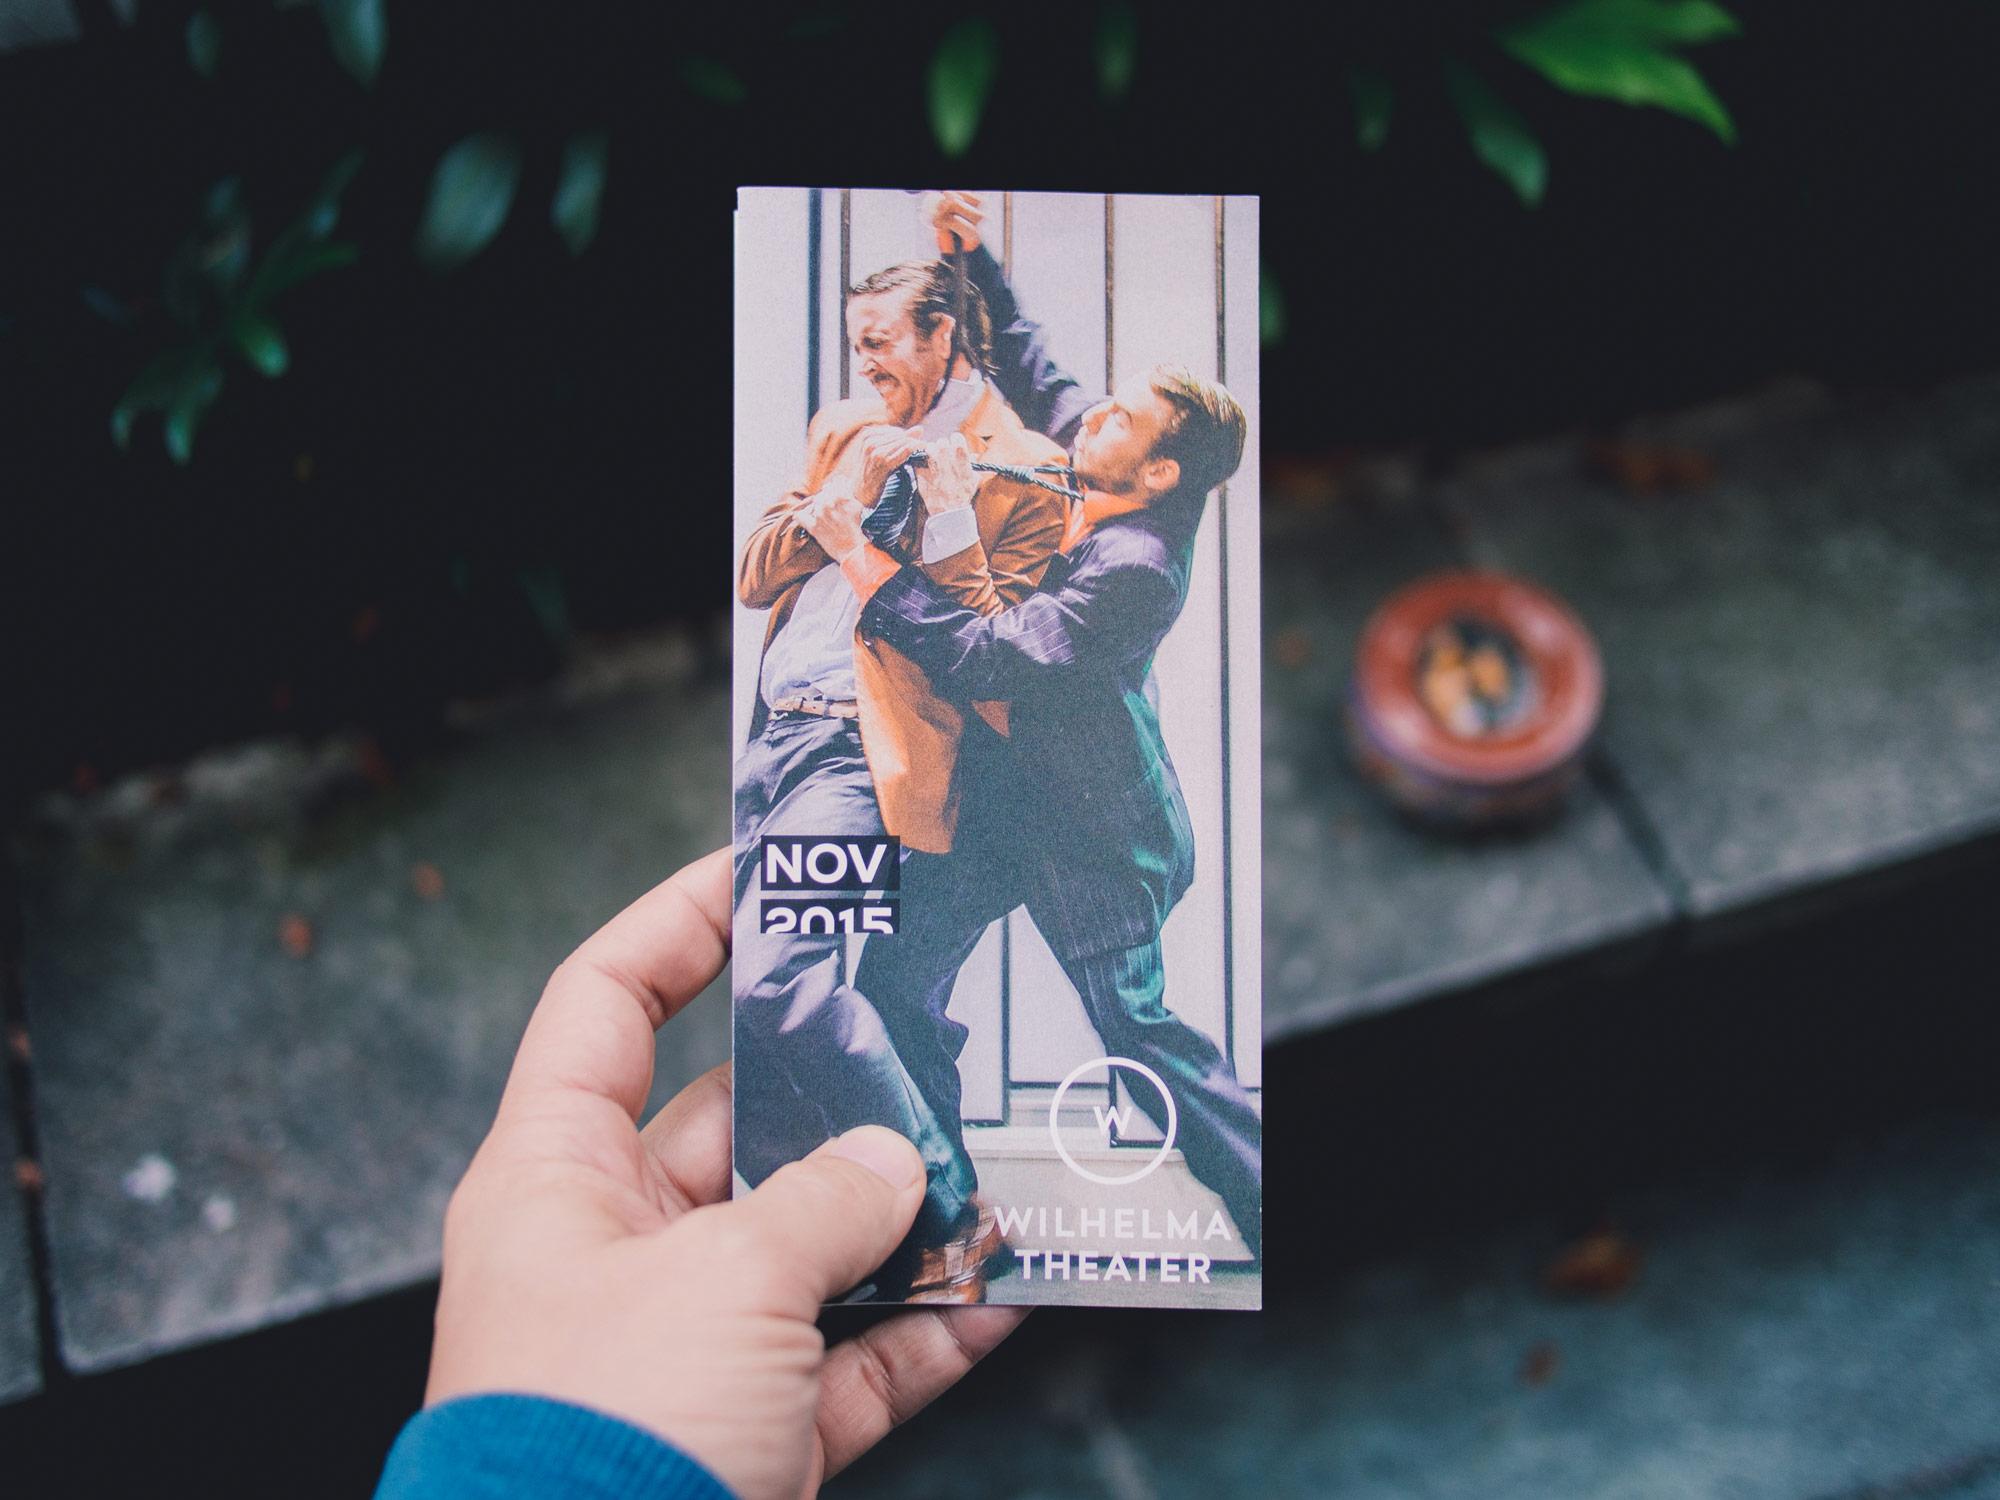 Man sieht den Titel des Programmhefts des Wilhelma Theaters Stuttgart. Das Heft wird von einer Hand gehalten, auf dem Titel sieht man 2 Männer in Anzügen kämpfen. Das Design ist von MAJORMAJOR.